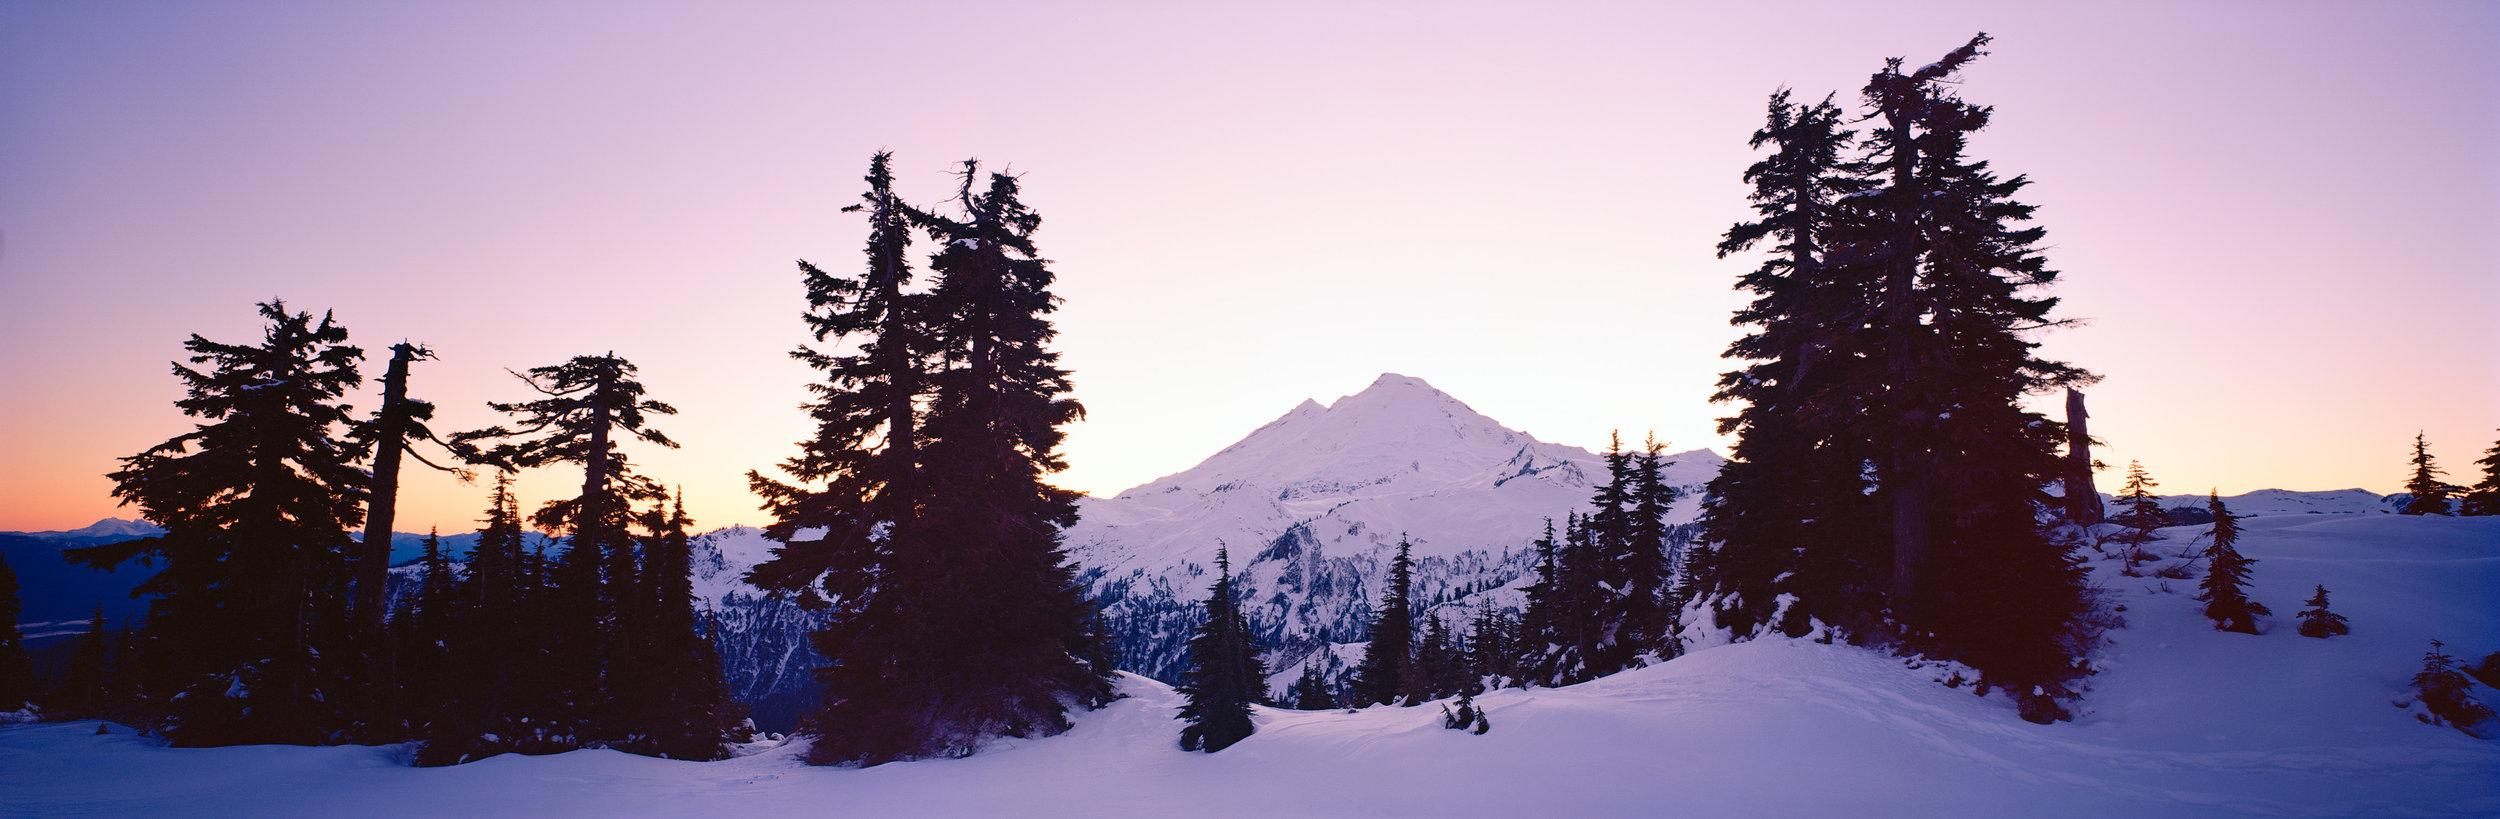 Mount Baker at sunset from Artist's Point, taken on film. Ektar 100, f/19, 1 sec.